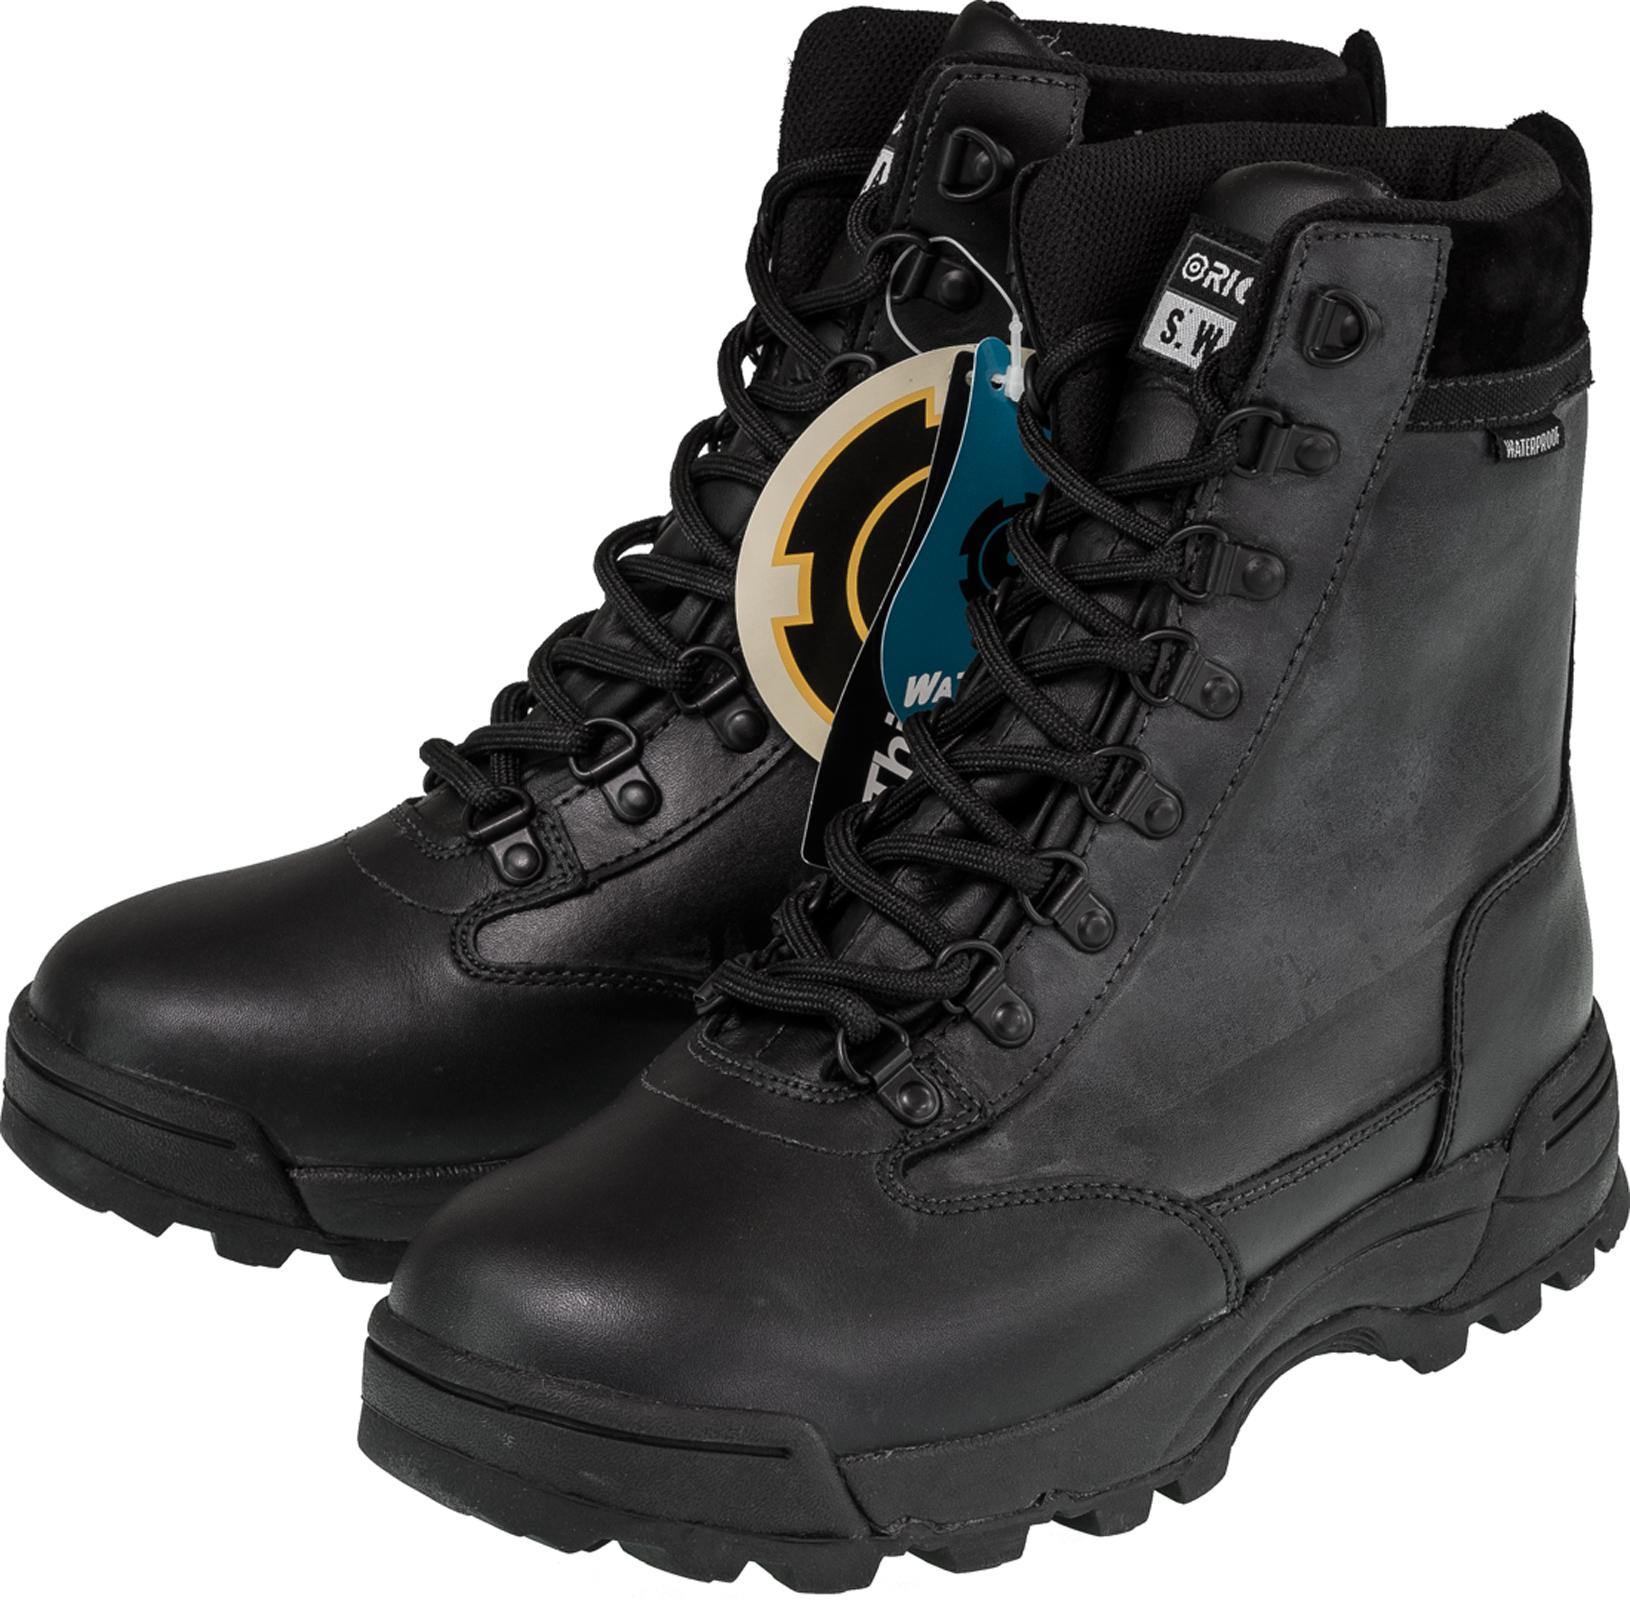 scegli originale 2019 professionista scarpe da ginnastica Anfibi Classic 9 Swat